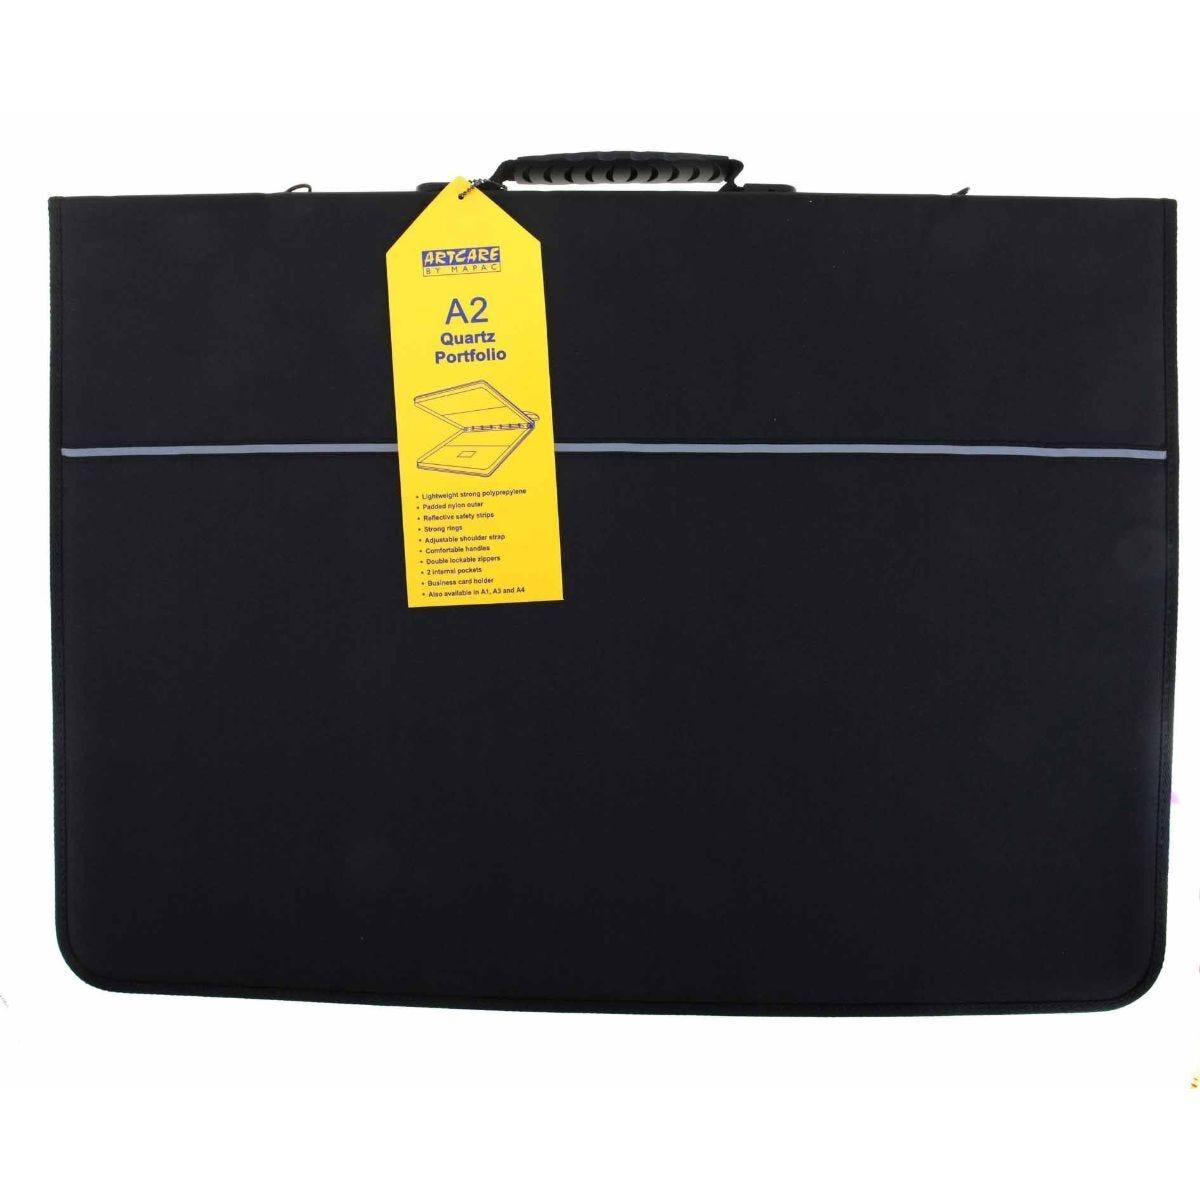 Mapac Quartz Portfolio A2 Black